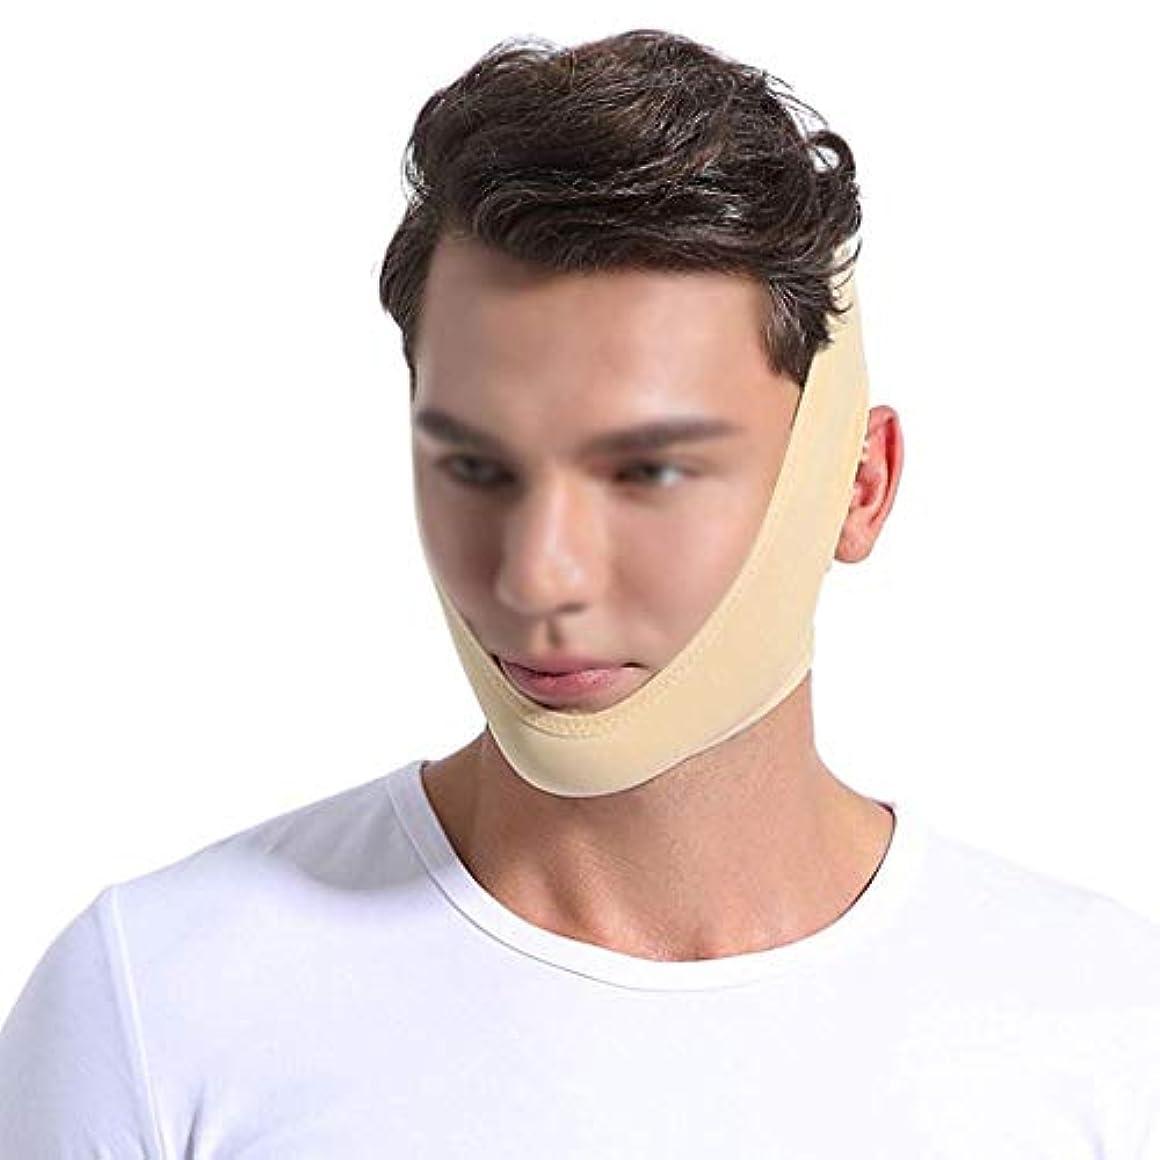 ファウル祖父母を訪問代理店医療用ワイヤーカービング後、リフティングマスクを再開し、男性と女性の顔の弾性包帯のヘッドギアは小さなVフェイスの薄いフェイスマスクを結びました